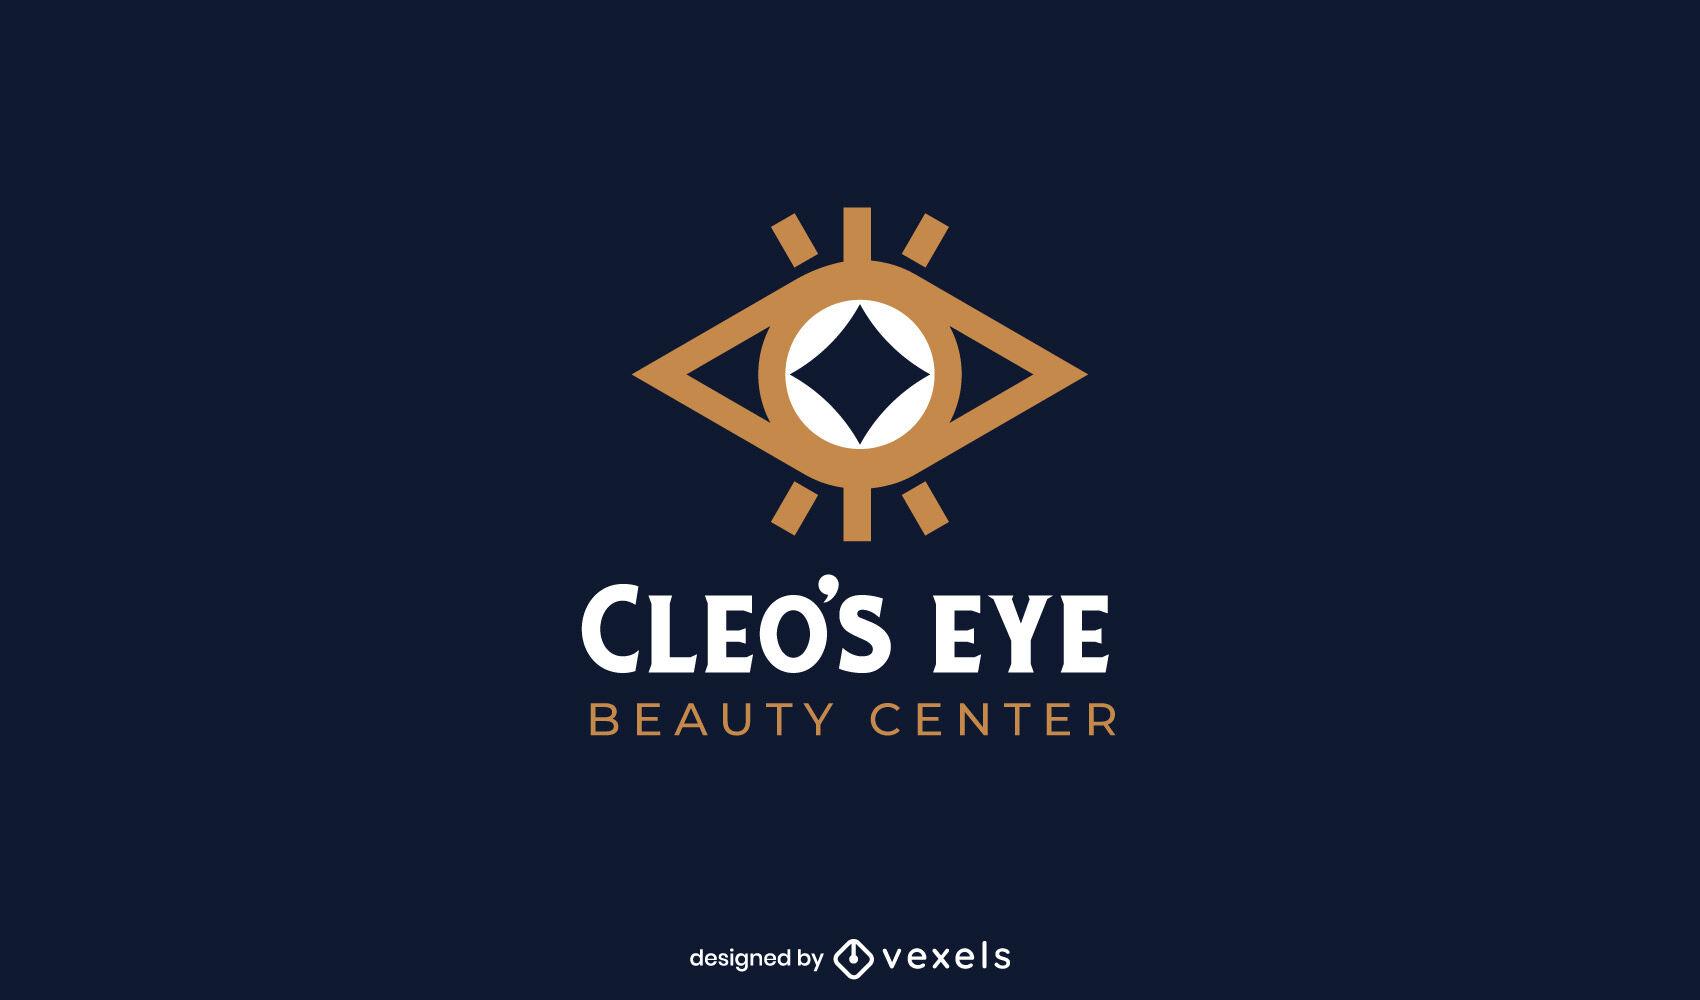 Geometirc eye logo template